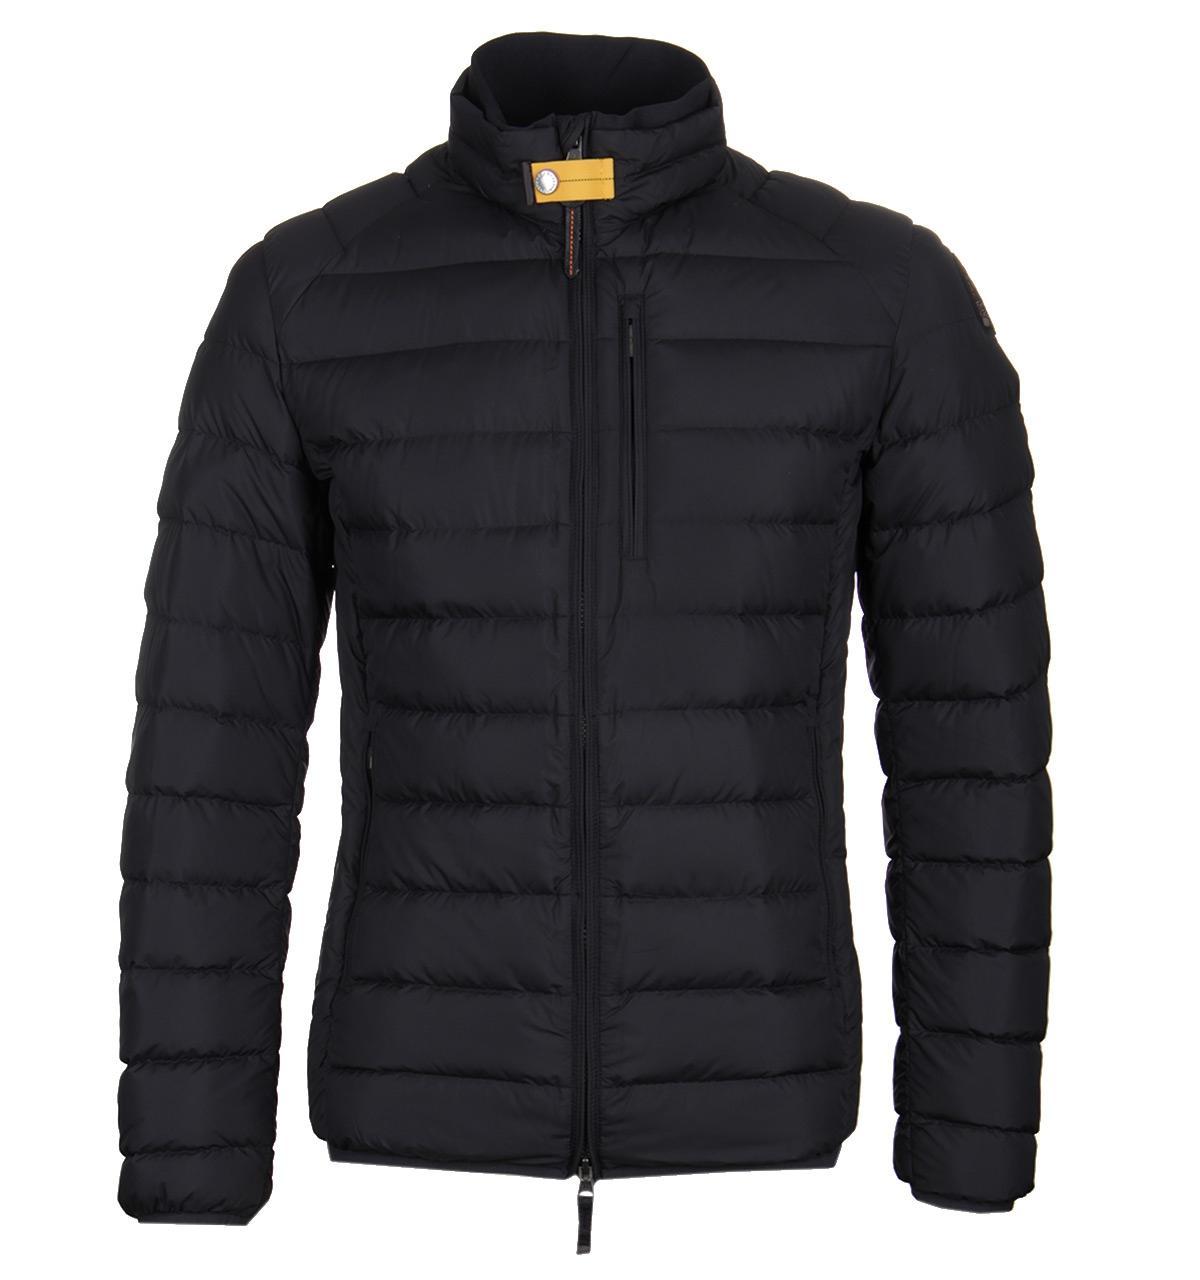 6cd0cc3f ... france parajumpers ugo black down jacket in black for men lyst f0336  cbec7